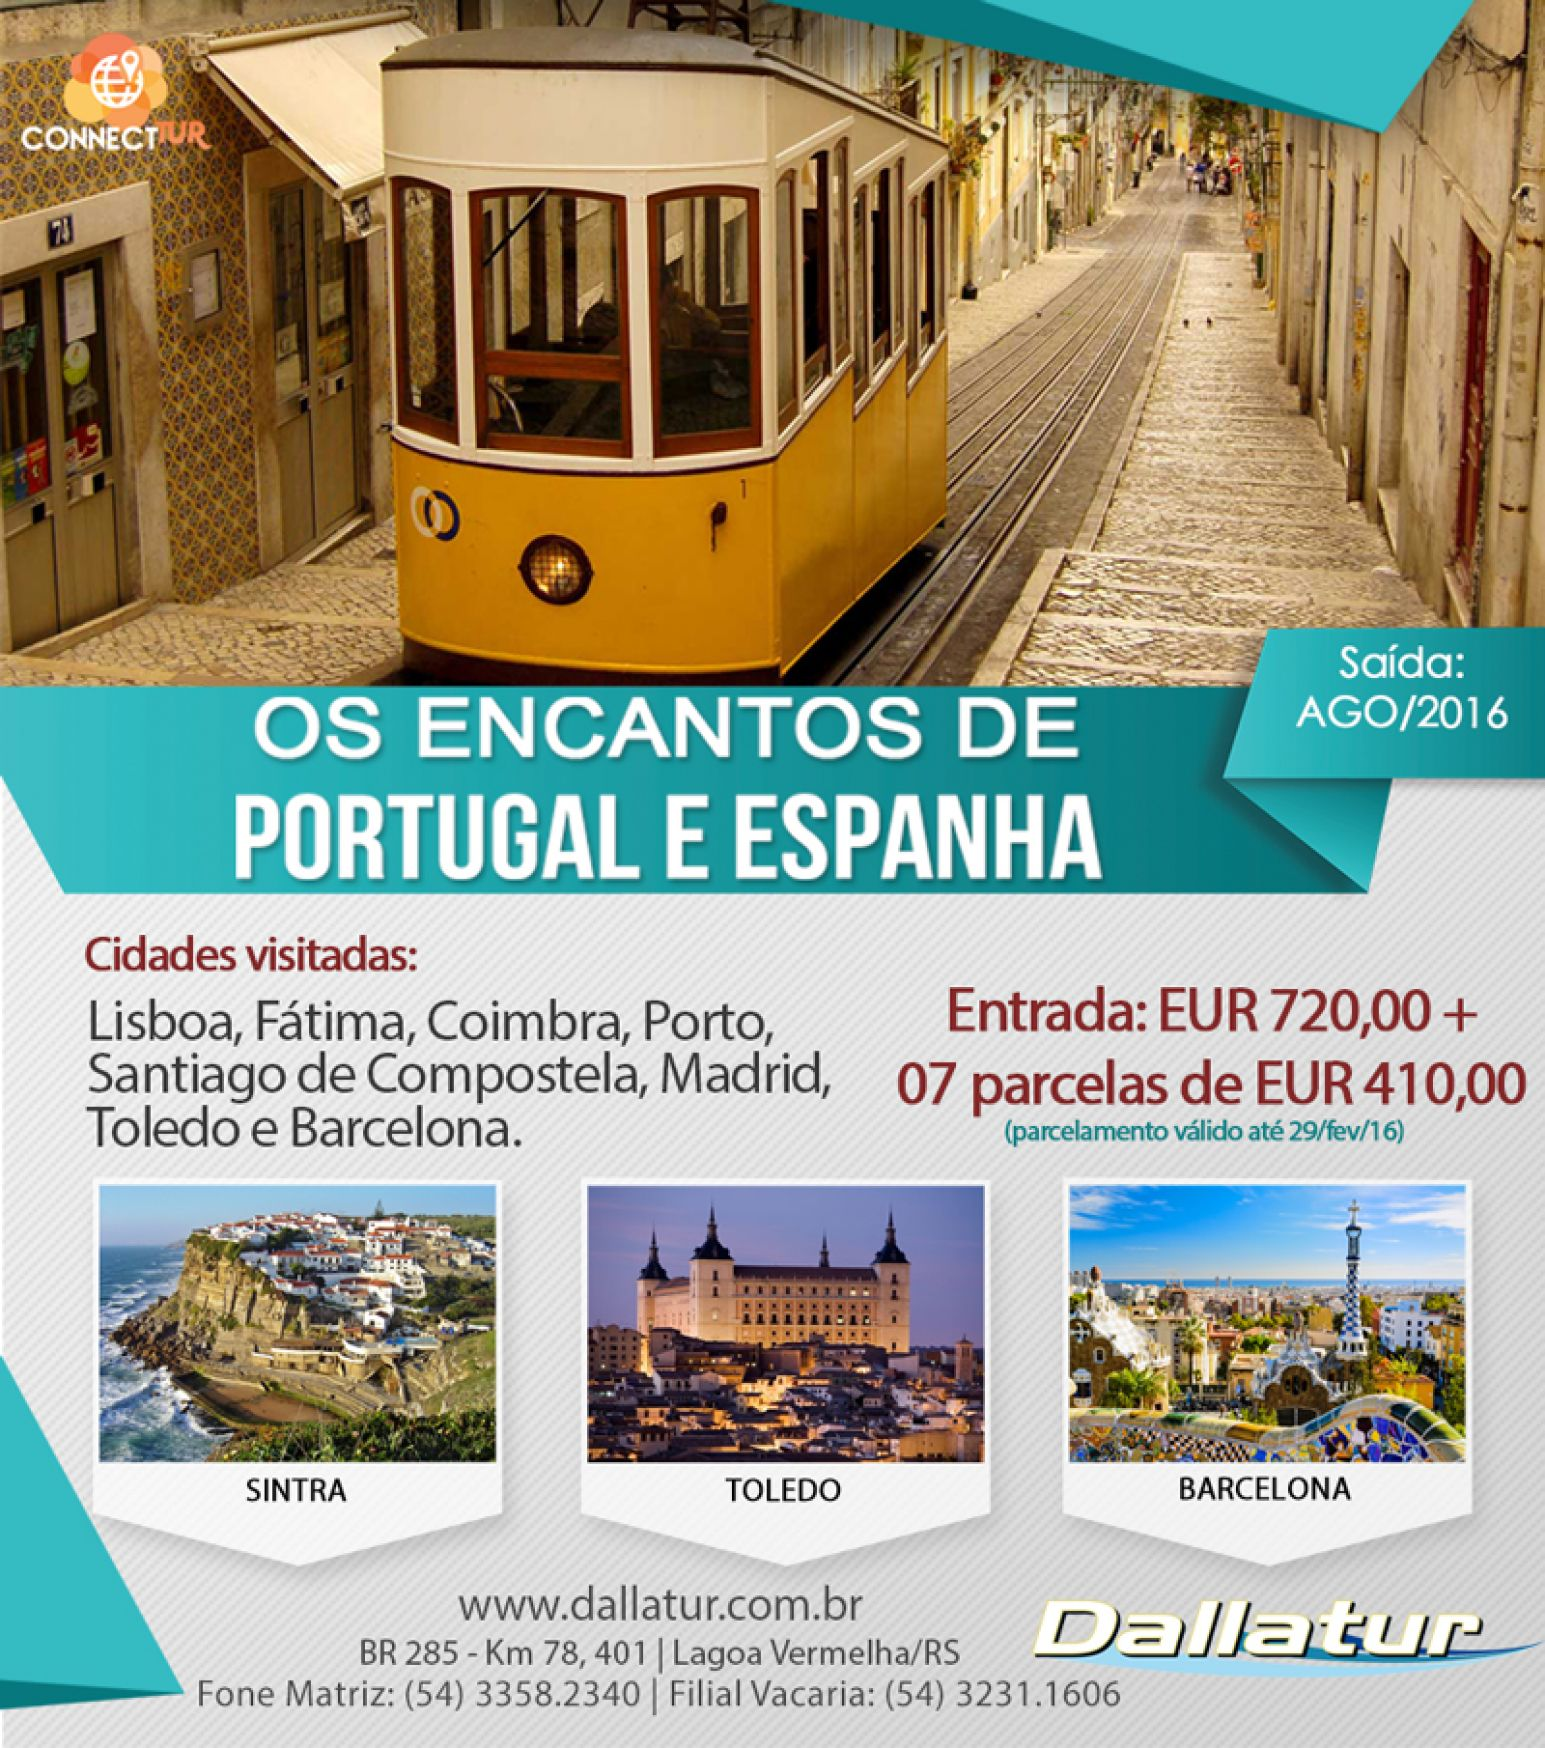 PORTUGAL E ESPANHA - 14 DIAS